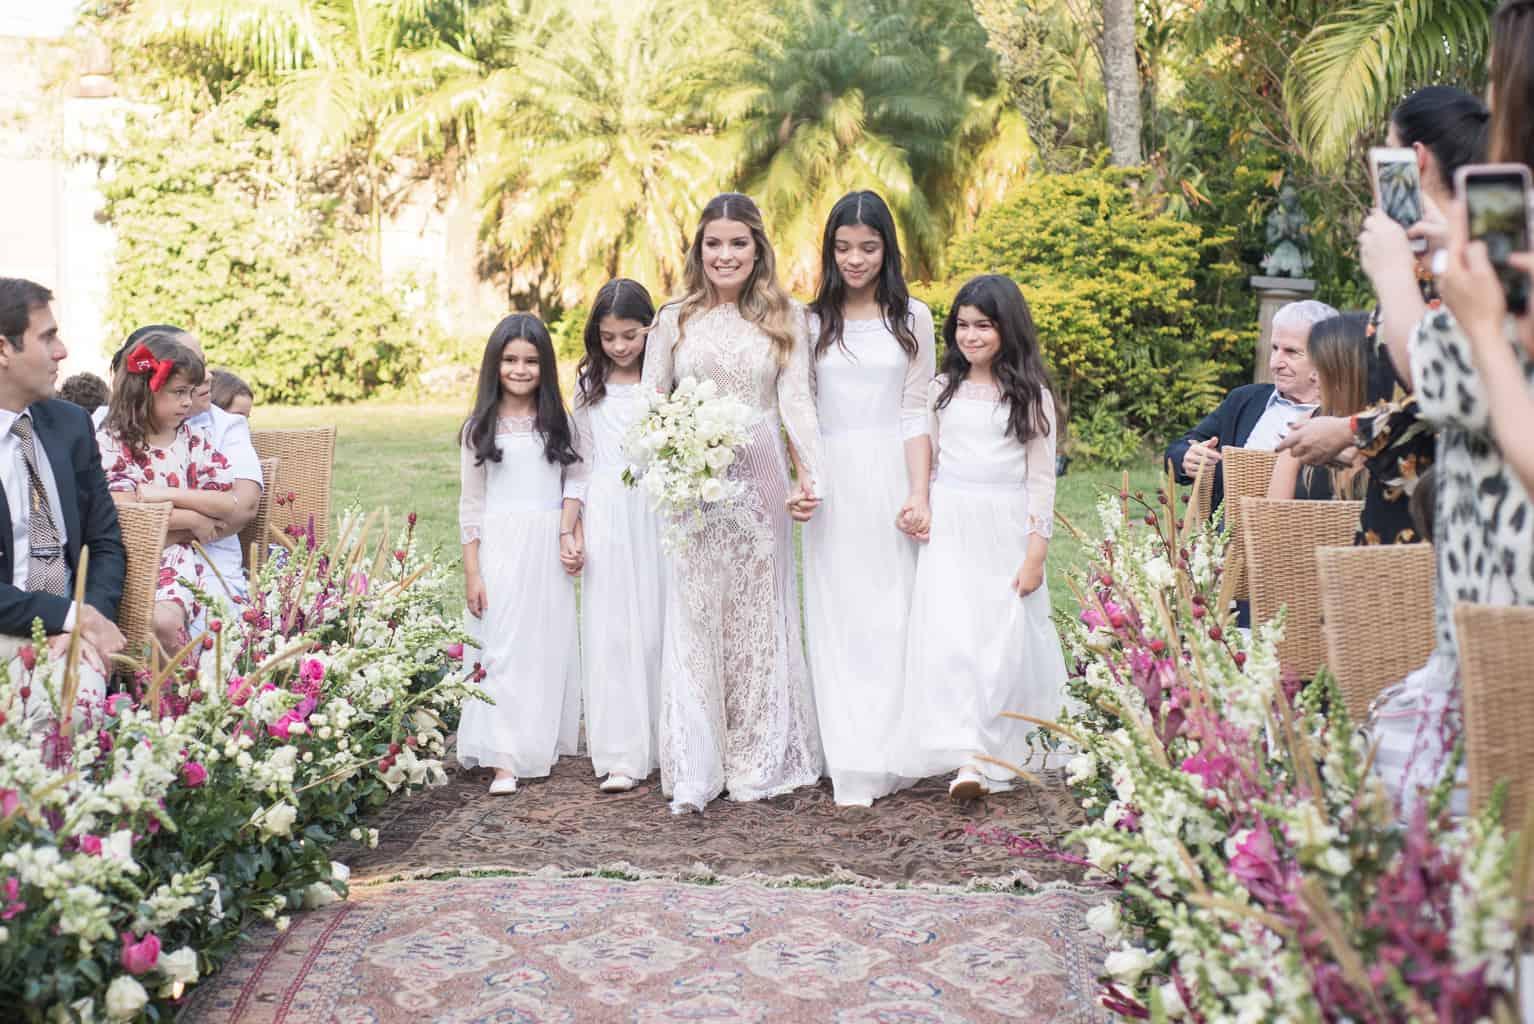 Casamento-Paula-e-Alex-Fotografia-Marina-Fava-cerimonia-entrada-da-noiva